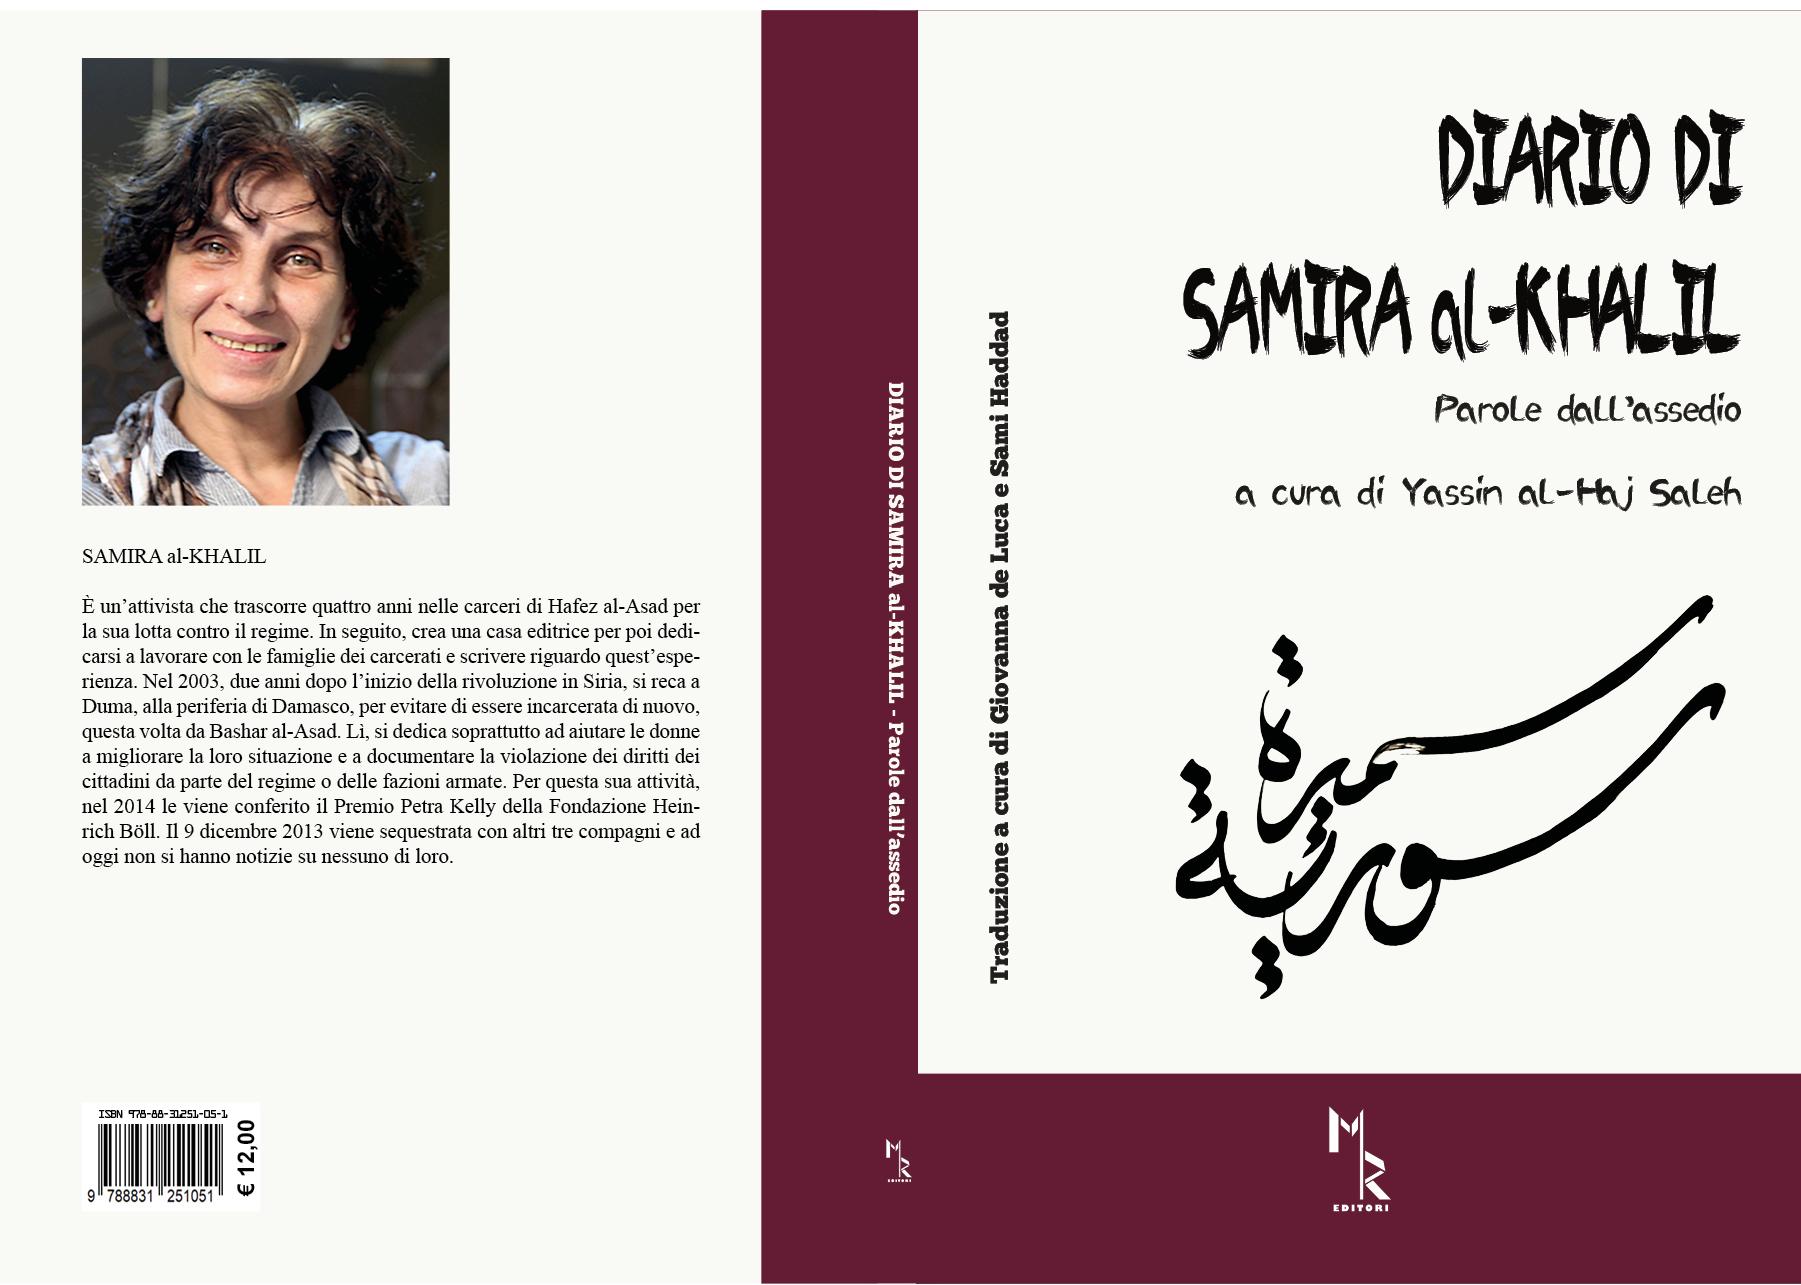 Samira al-Khalil, parole dall'assedio